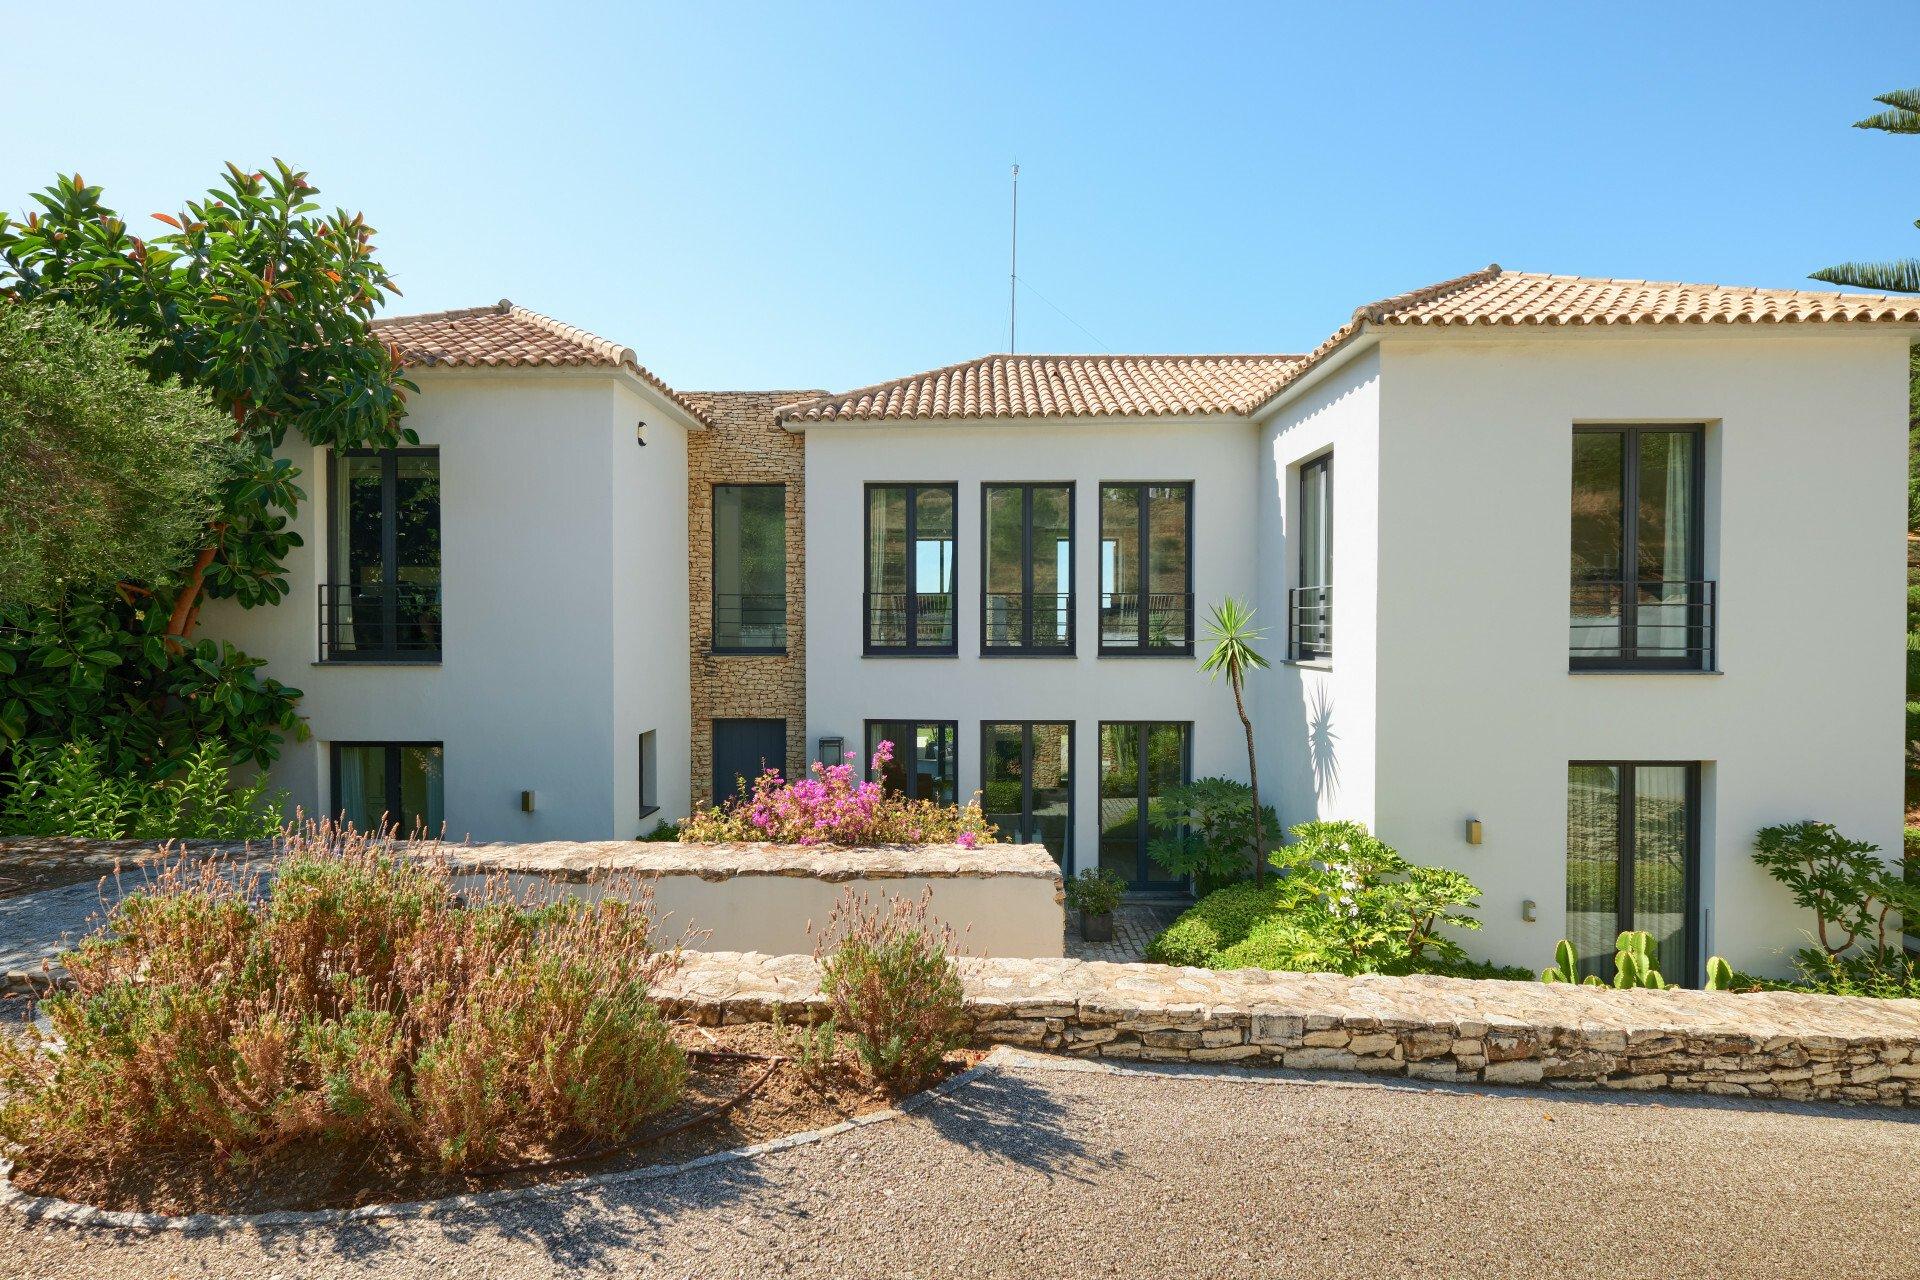 Villa in Benahavís, Andalusia, Spain 1 - 11228611